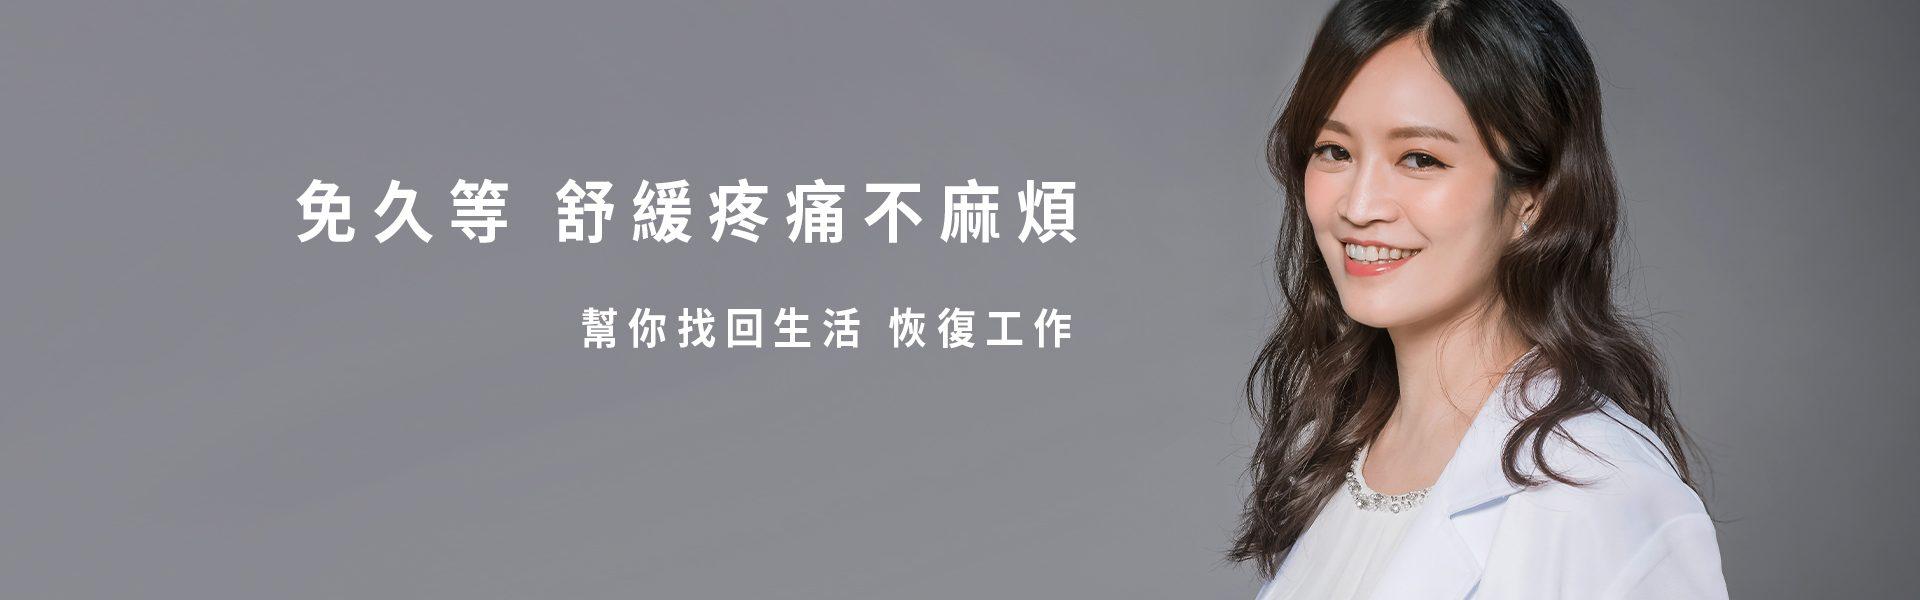 疼痛專科醫師黃鈺涵